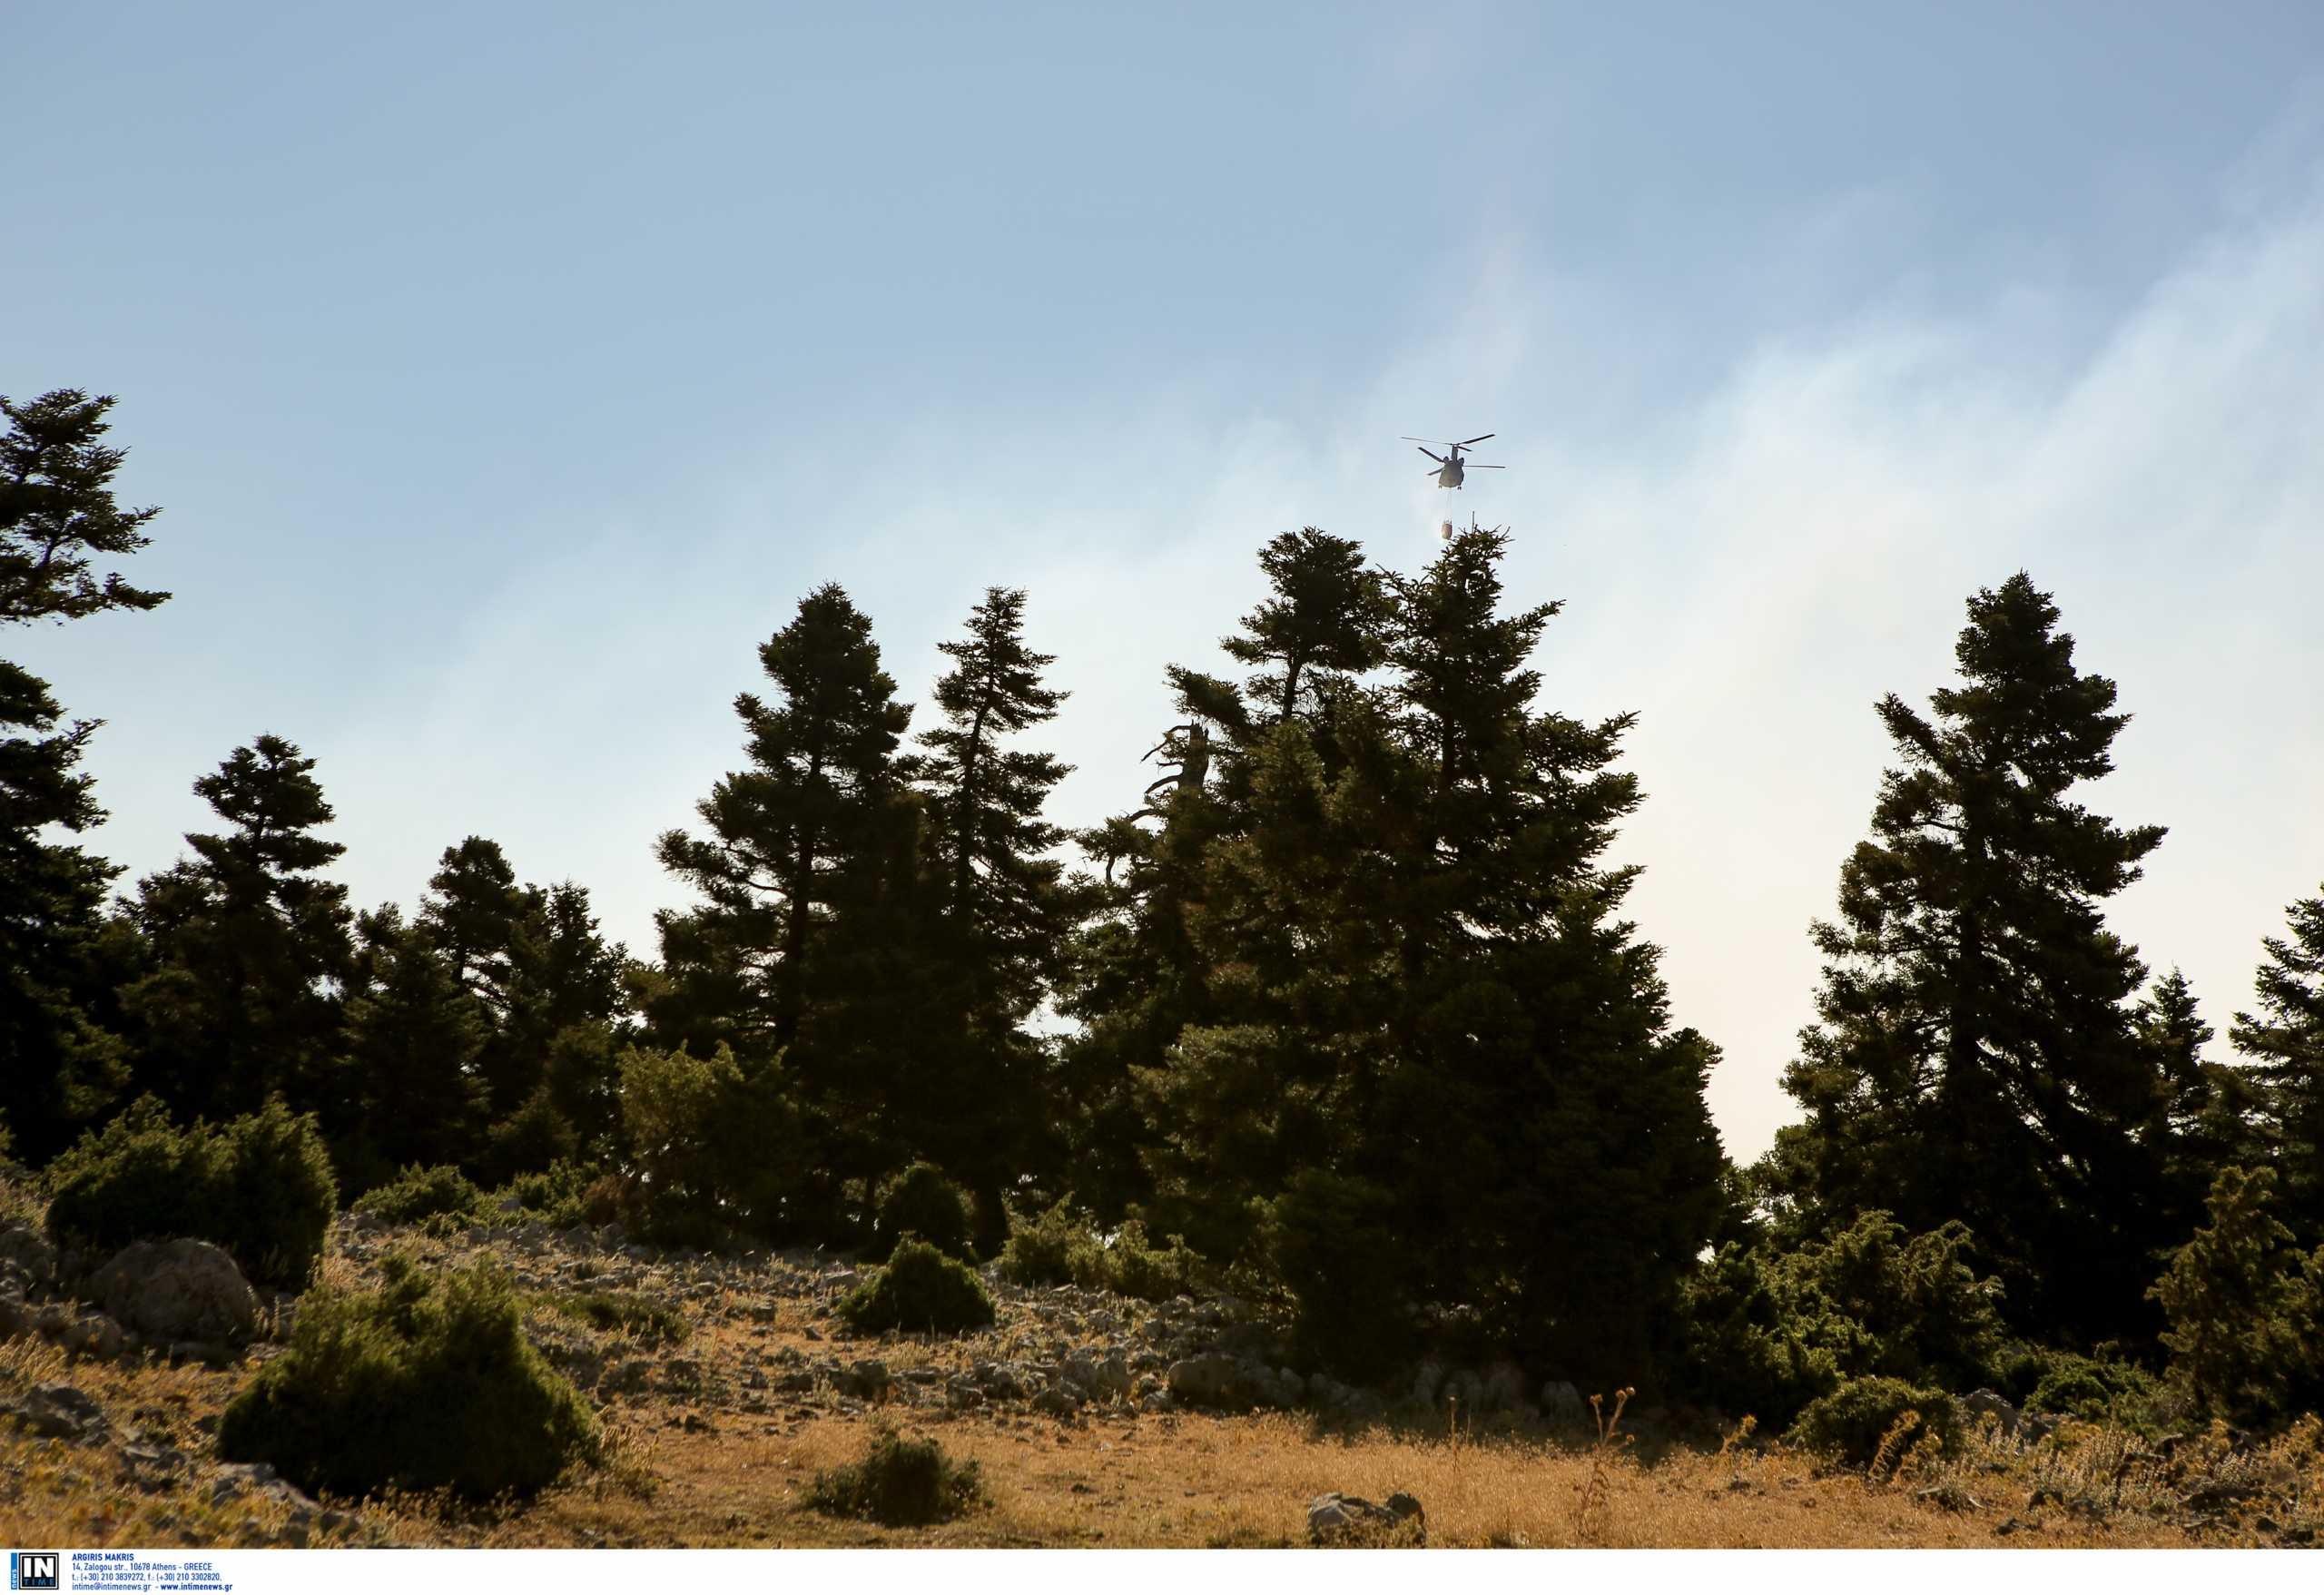 Γ. Αμυράς: Πάνω από 79 εκατ. ευρώ για πρόληψη και αποκατάσταση ζημιών σε δάση